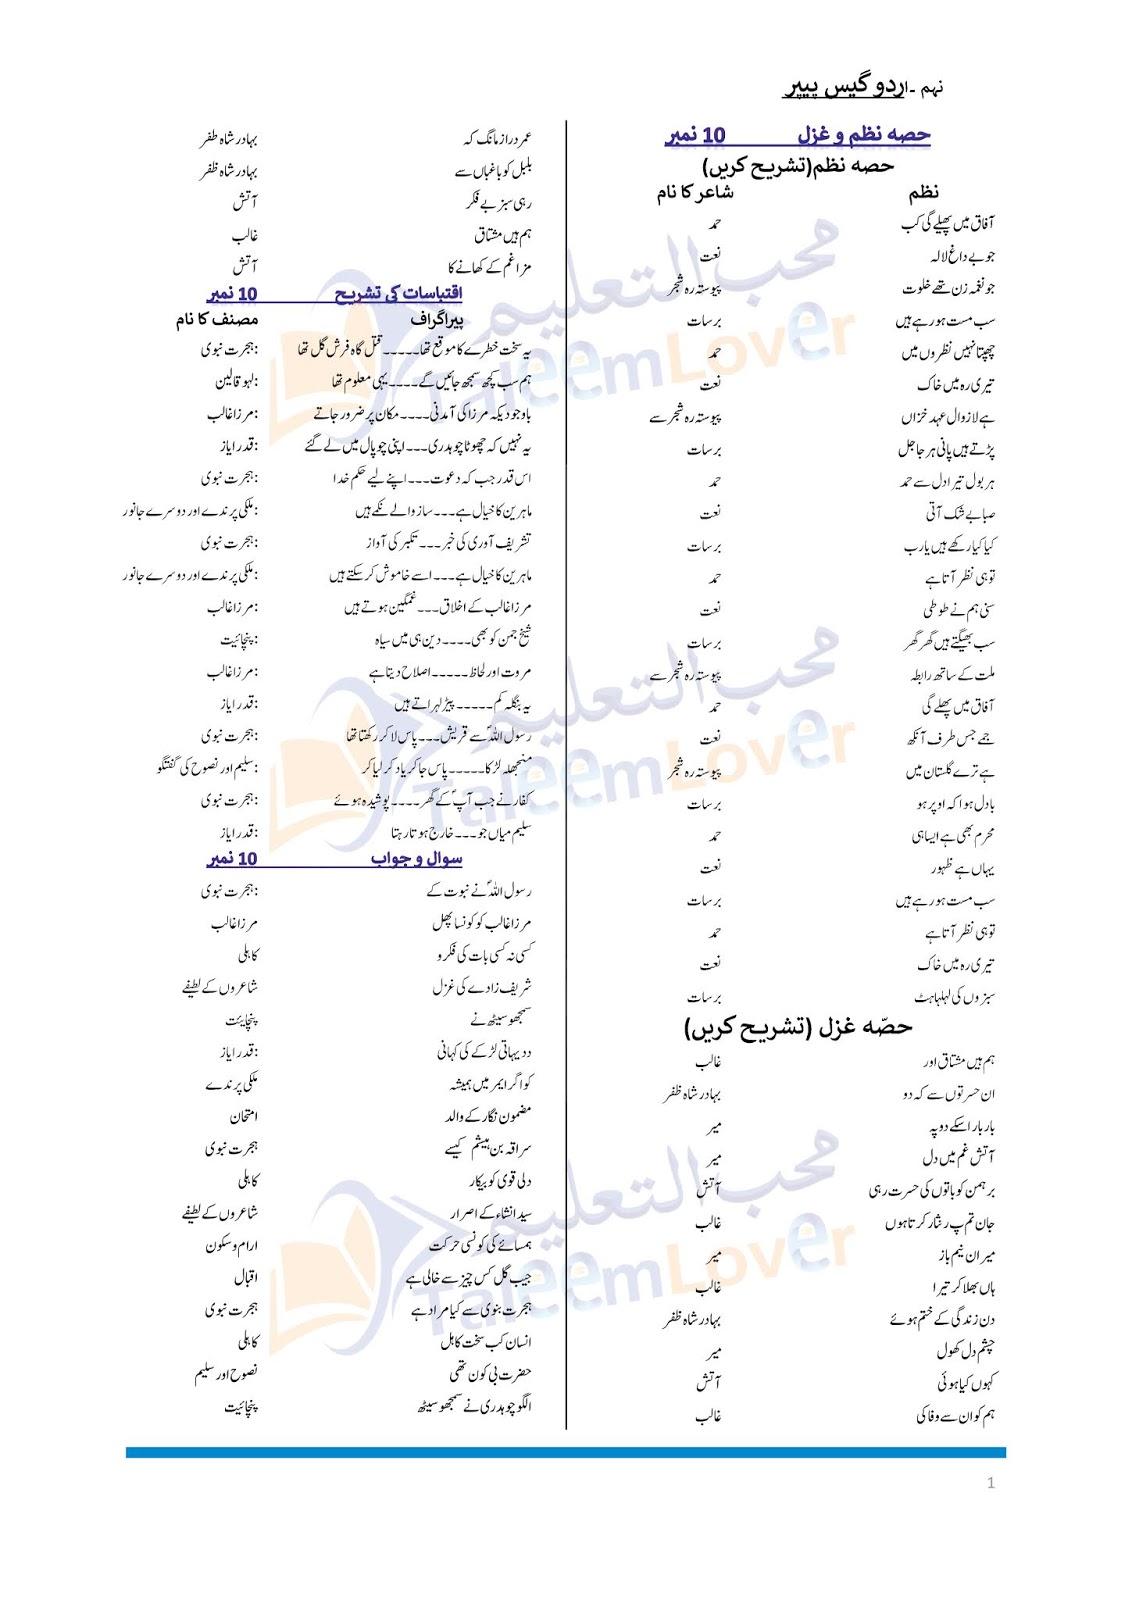 Guess Paper Urdu 9th Class 2019   All (BISE) Board of Punjab